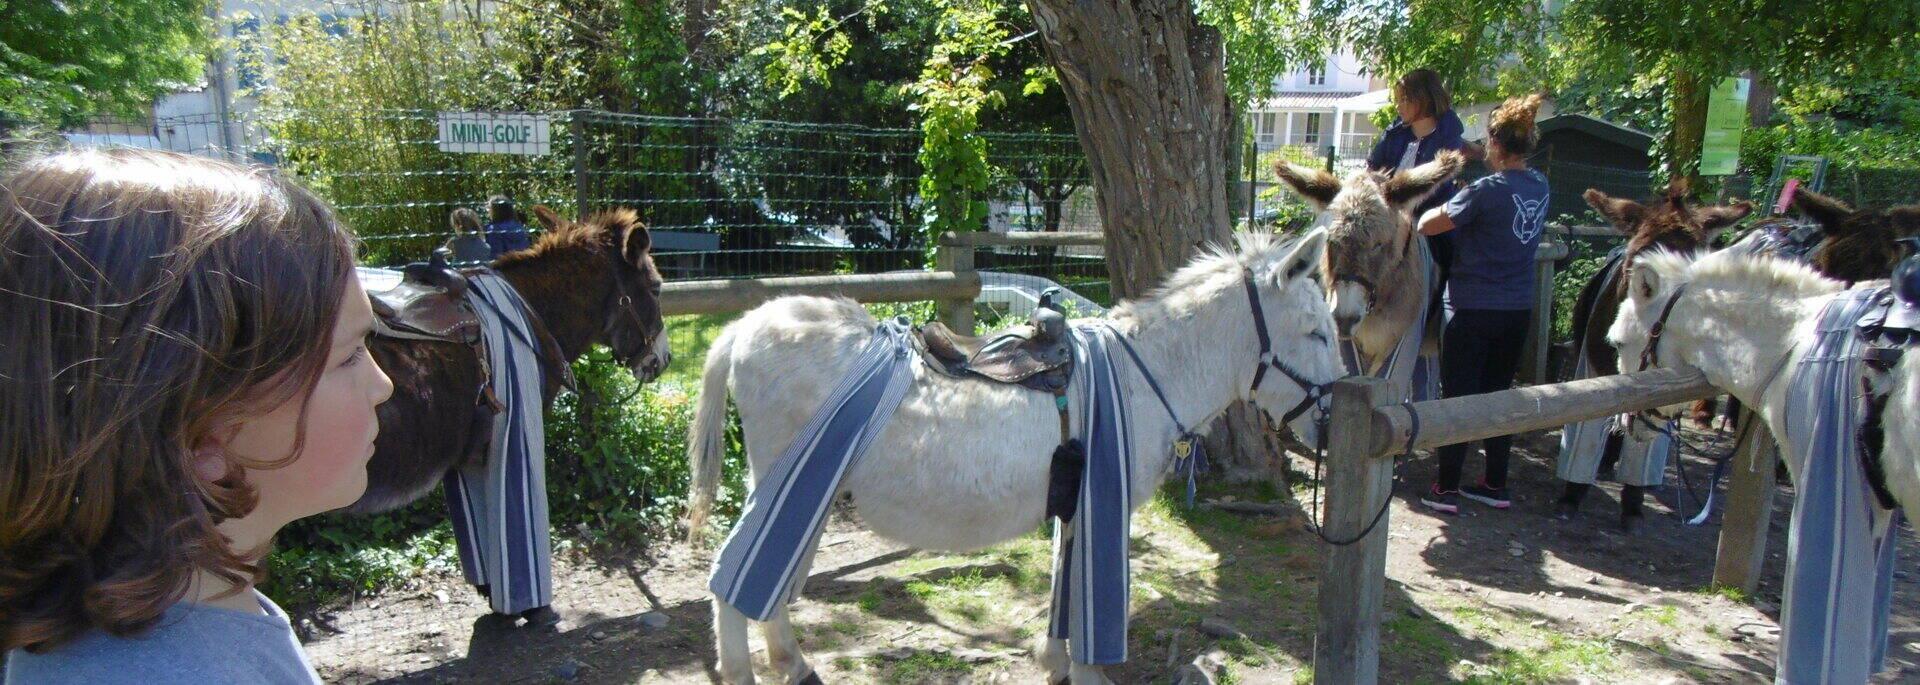 Balade à dos d'âne ©FDHPA 17